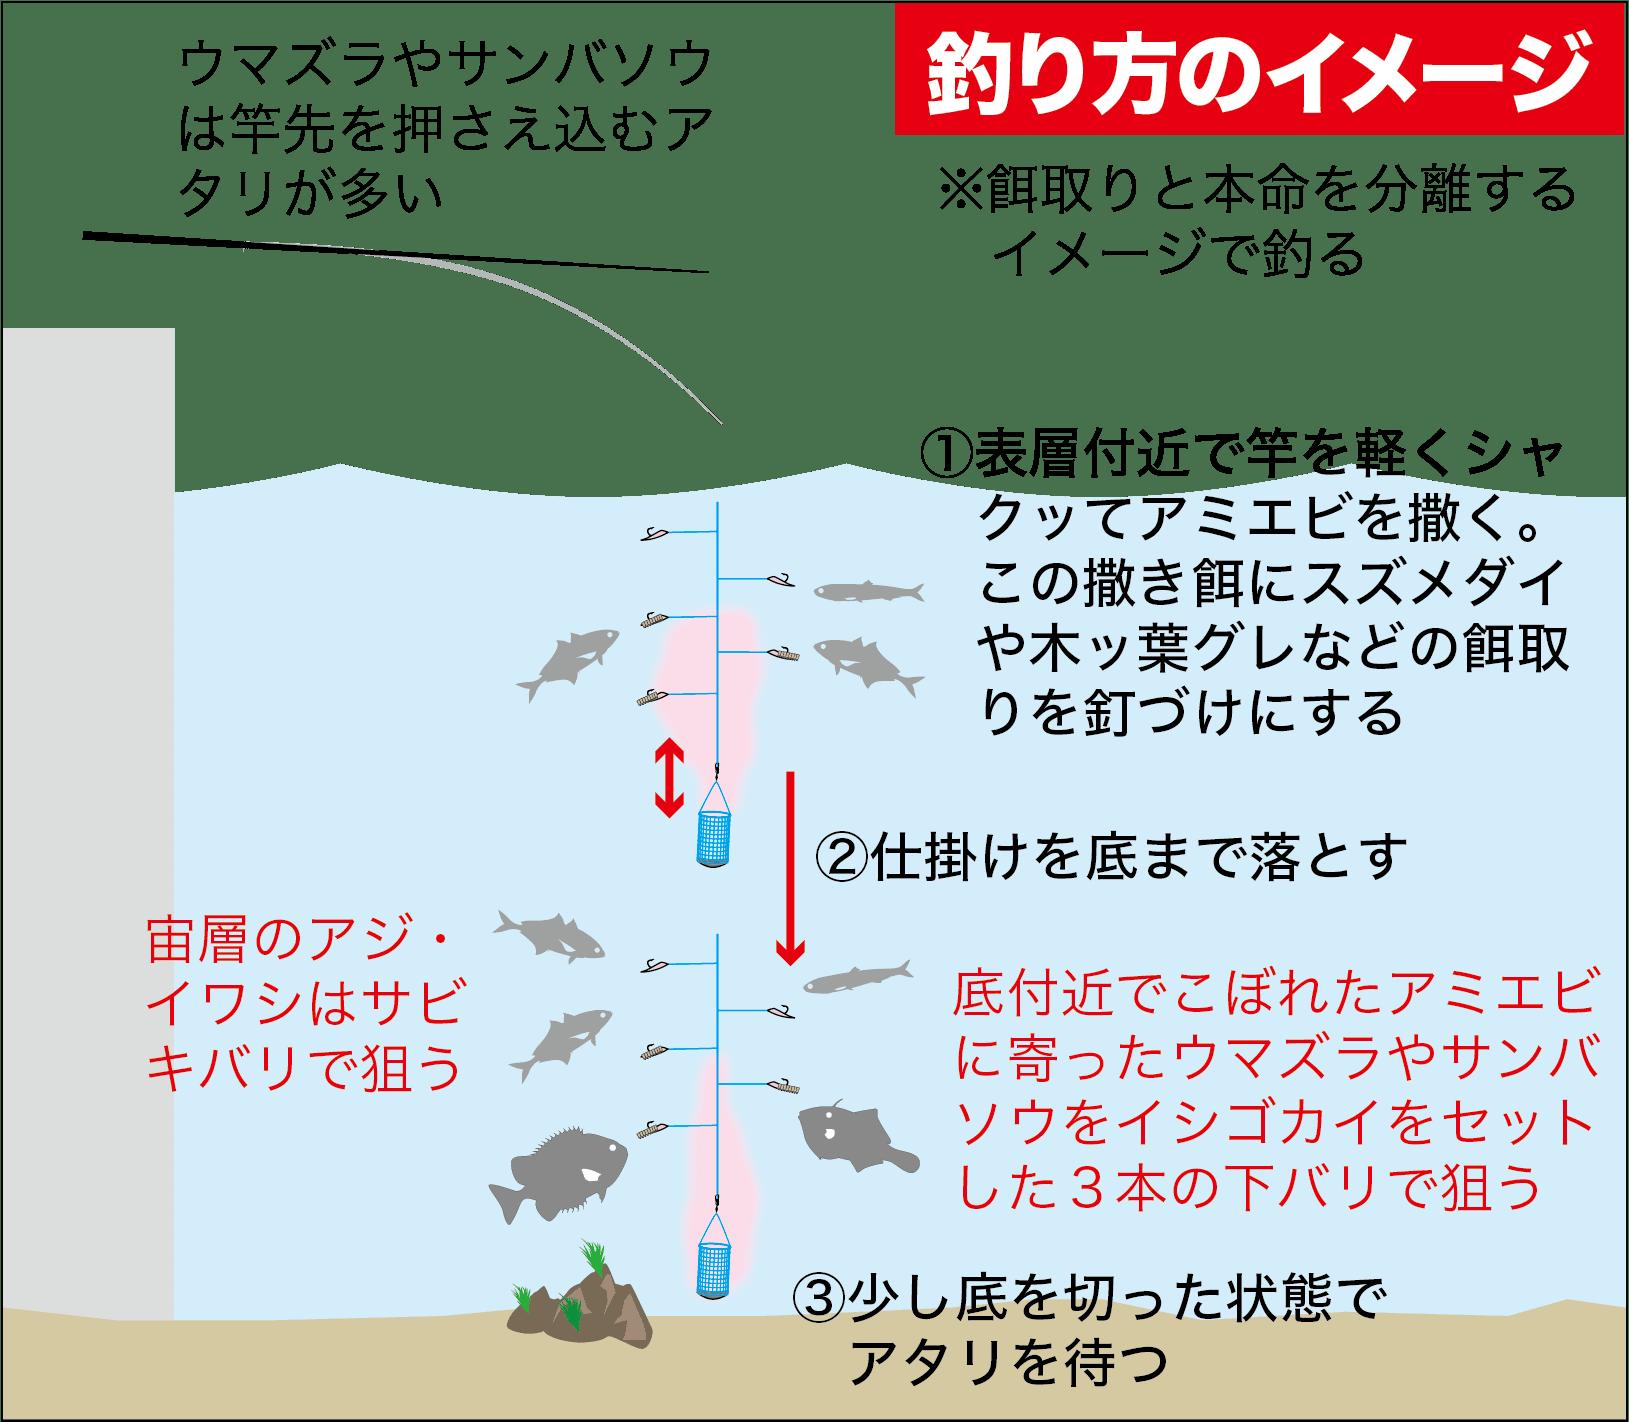 サビキ釣りスズナリ6都志港-6